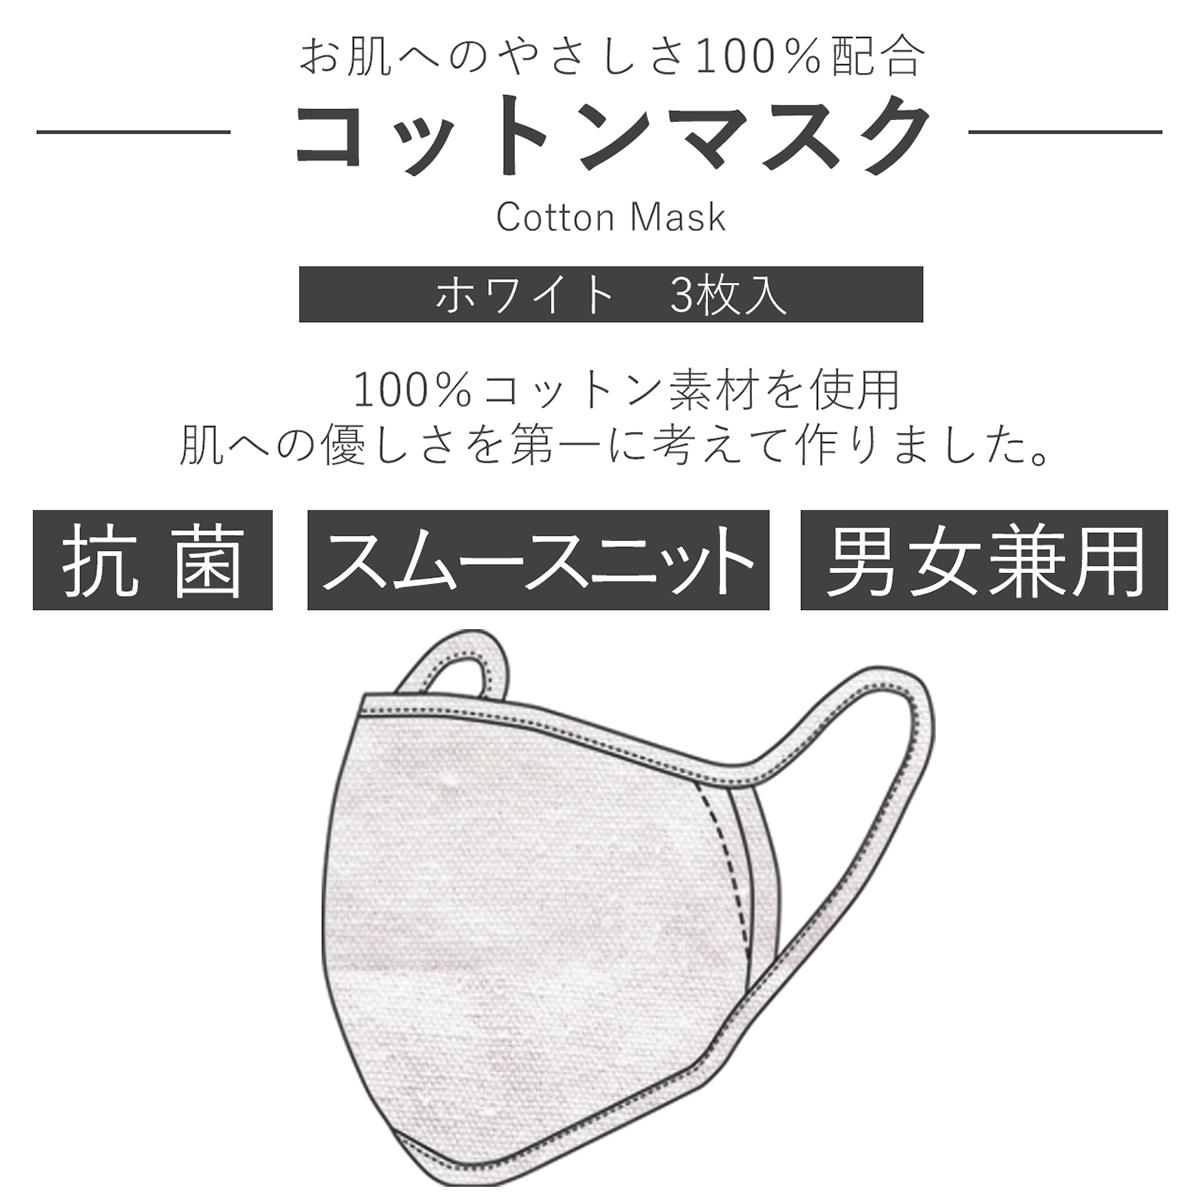 コットンマスク 3枚入 コットン100%